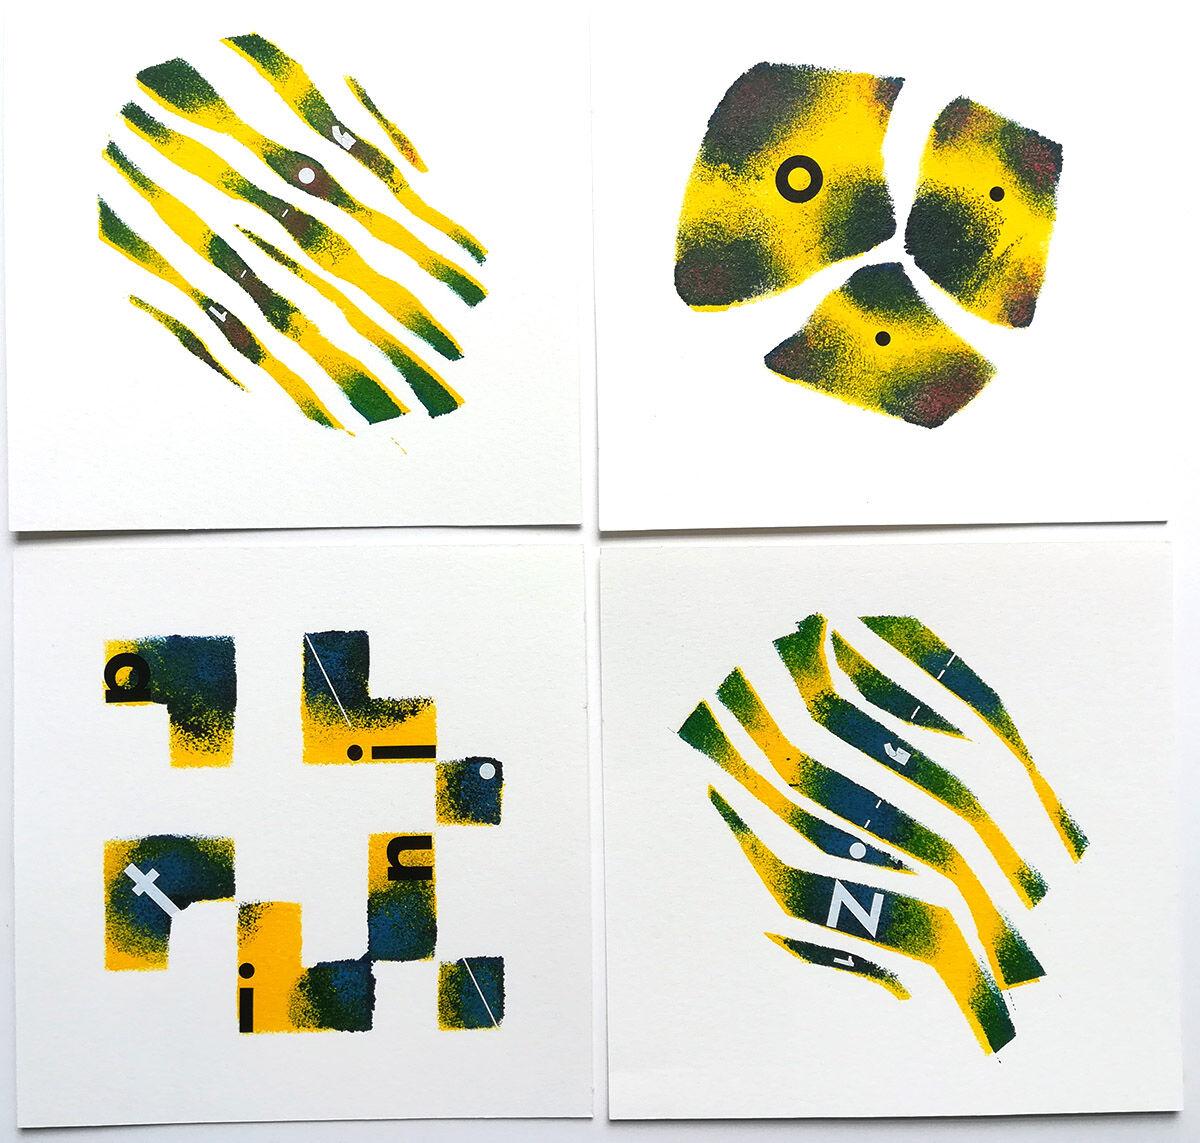 set #126 ScrabL series